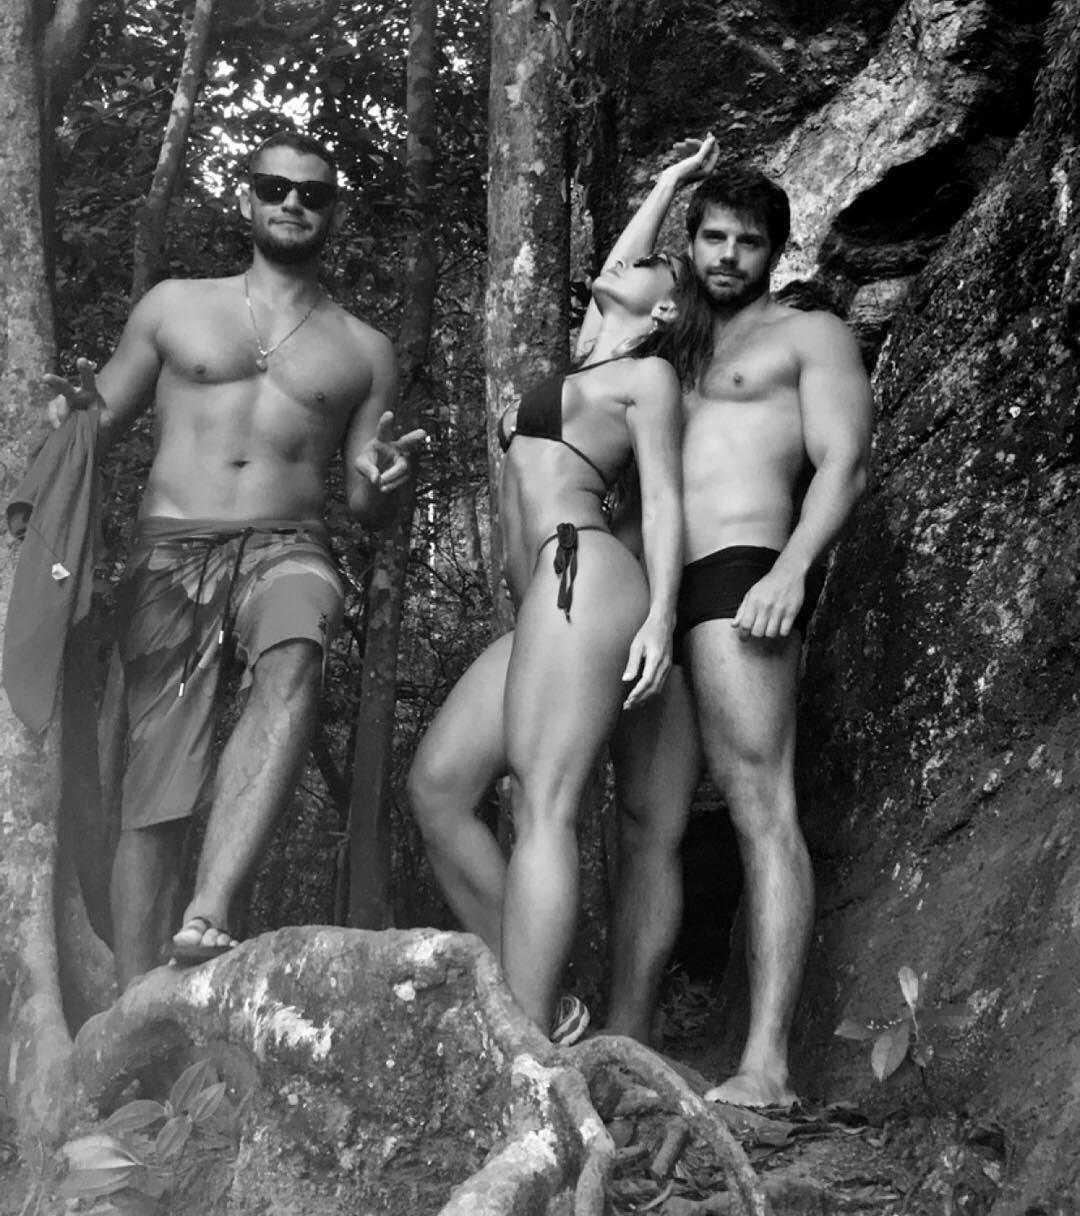 Com Markito Costa e o namorado Duda Nagle na Cachoeira do Horto, no Rio de Janeiro (Foto: Reprodução/Instagram)